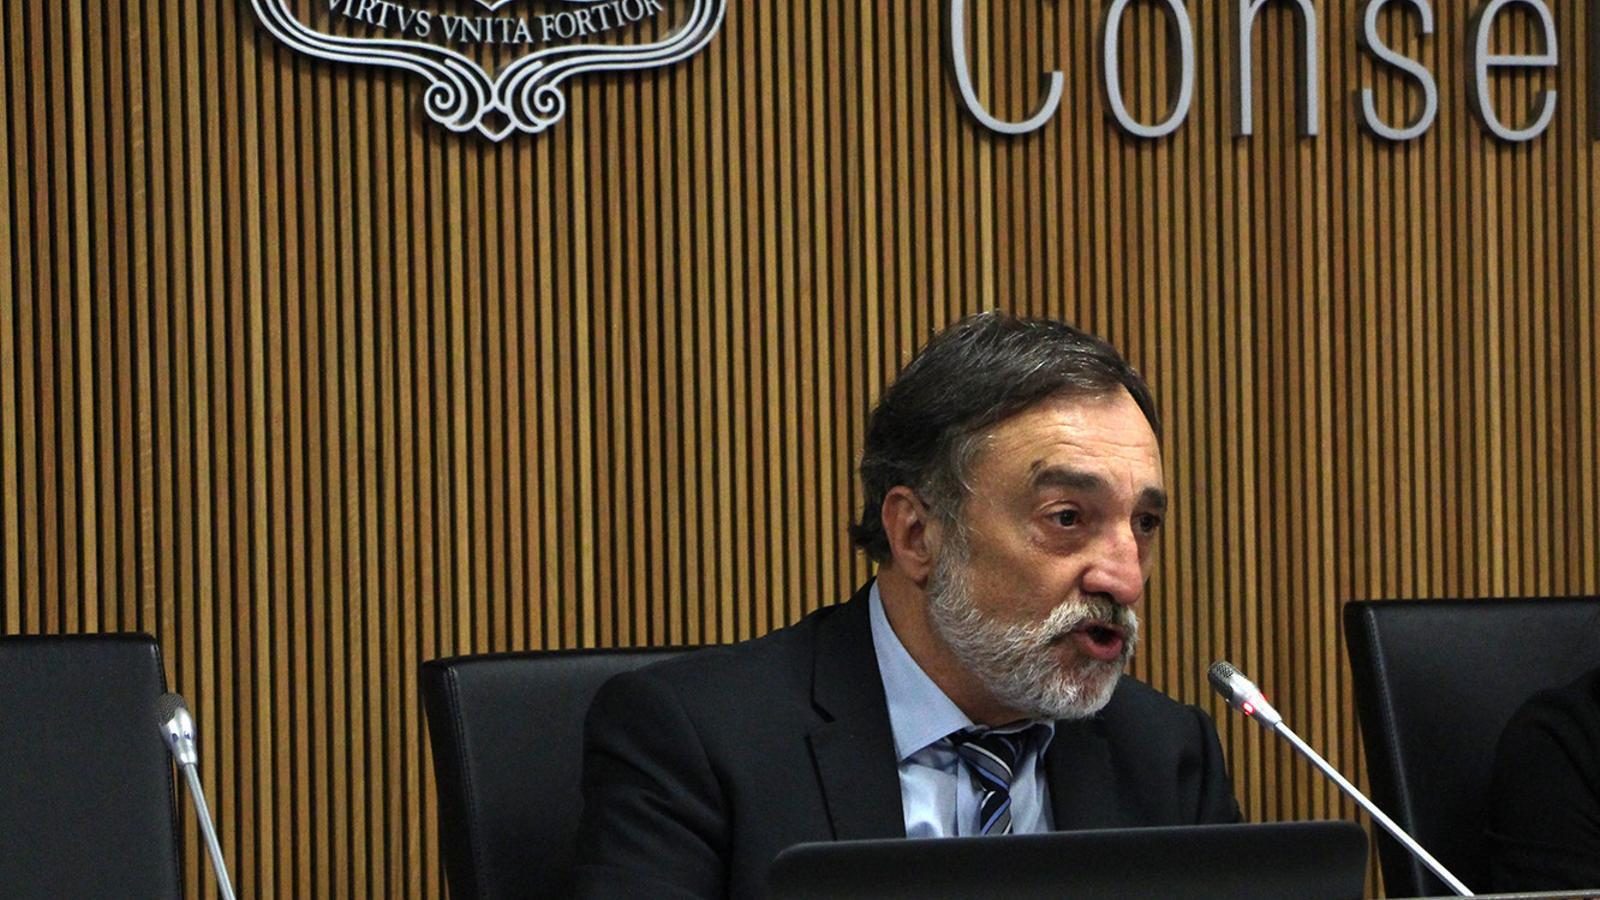 El raonador del ciutadà, Marc Vila, durant la seva compareixença davant un informe sobre l'avortament. Així ho ha avançat en la compareixença davant la comissió legislativa  de Justícia, Interior i Afers Institucionals. / M. F. (ANA)